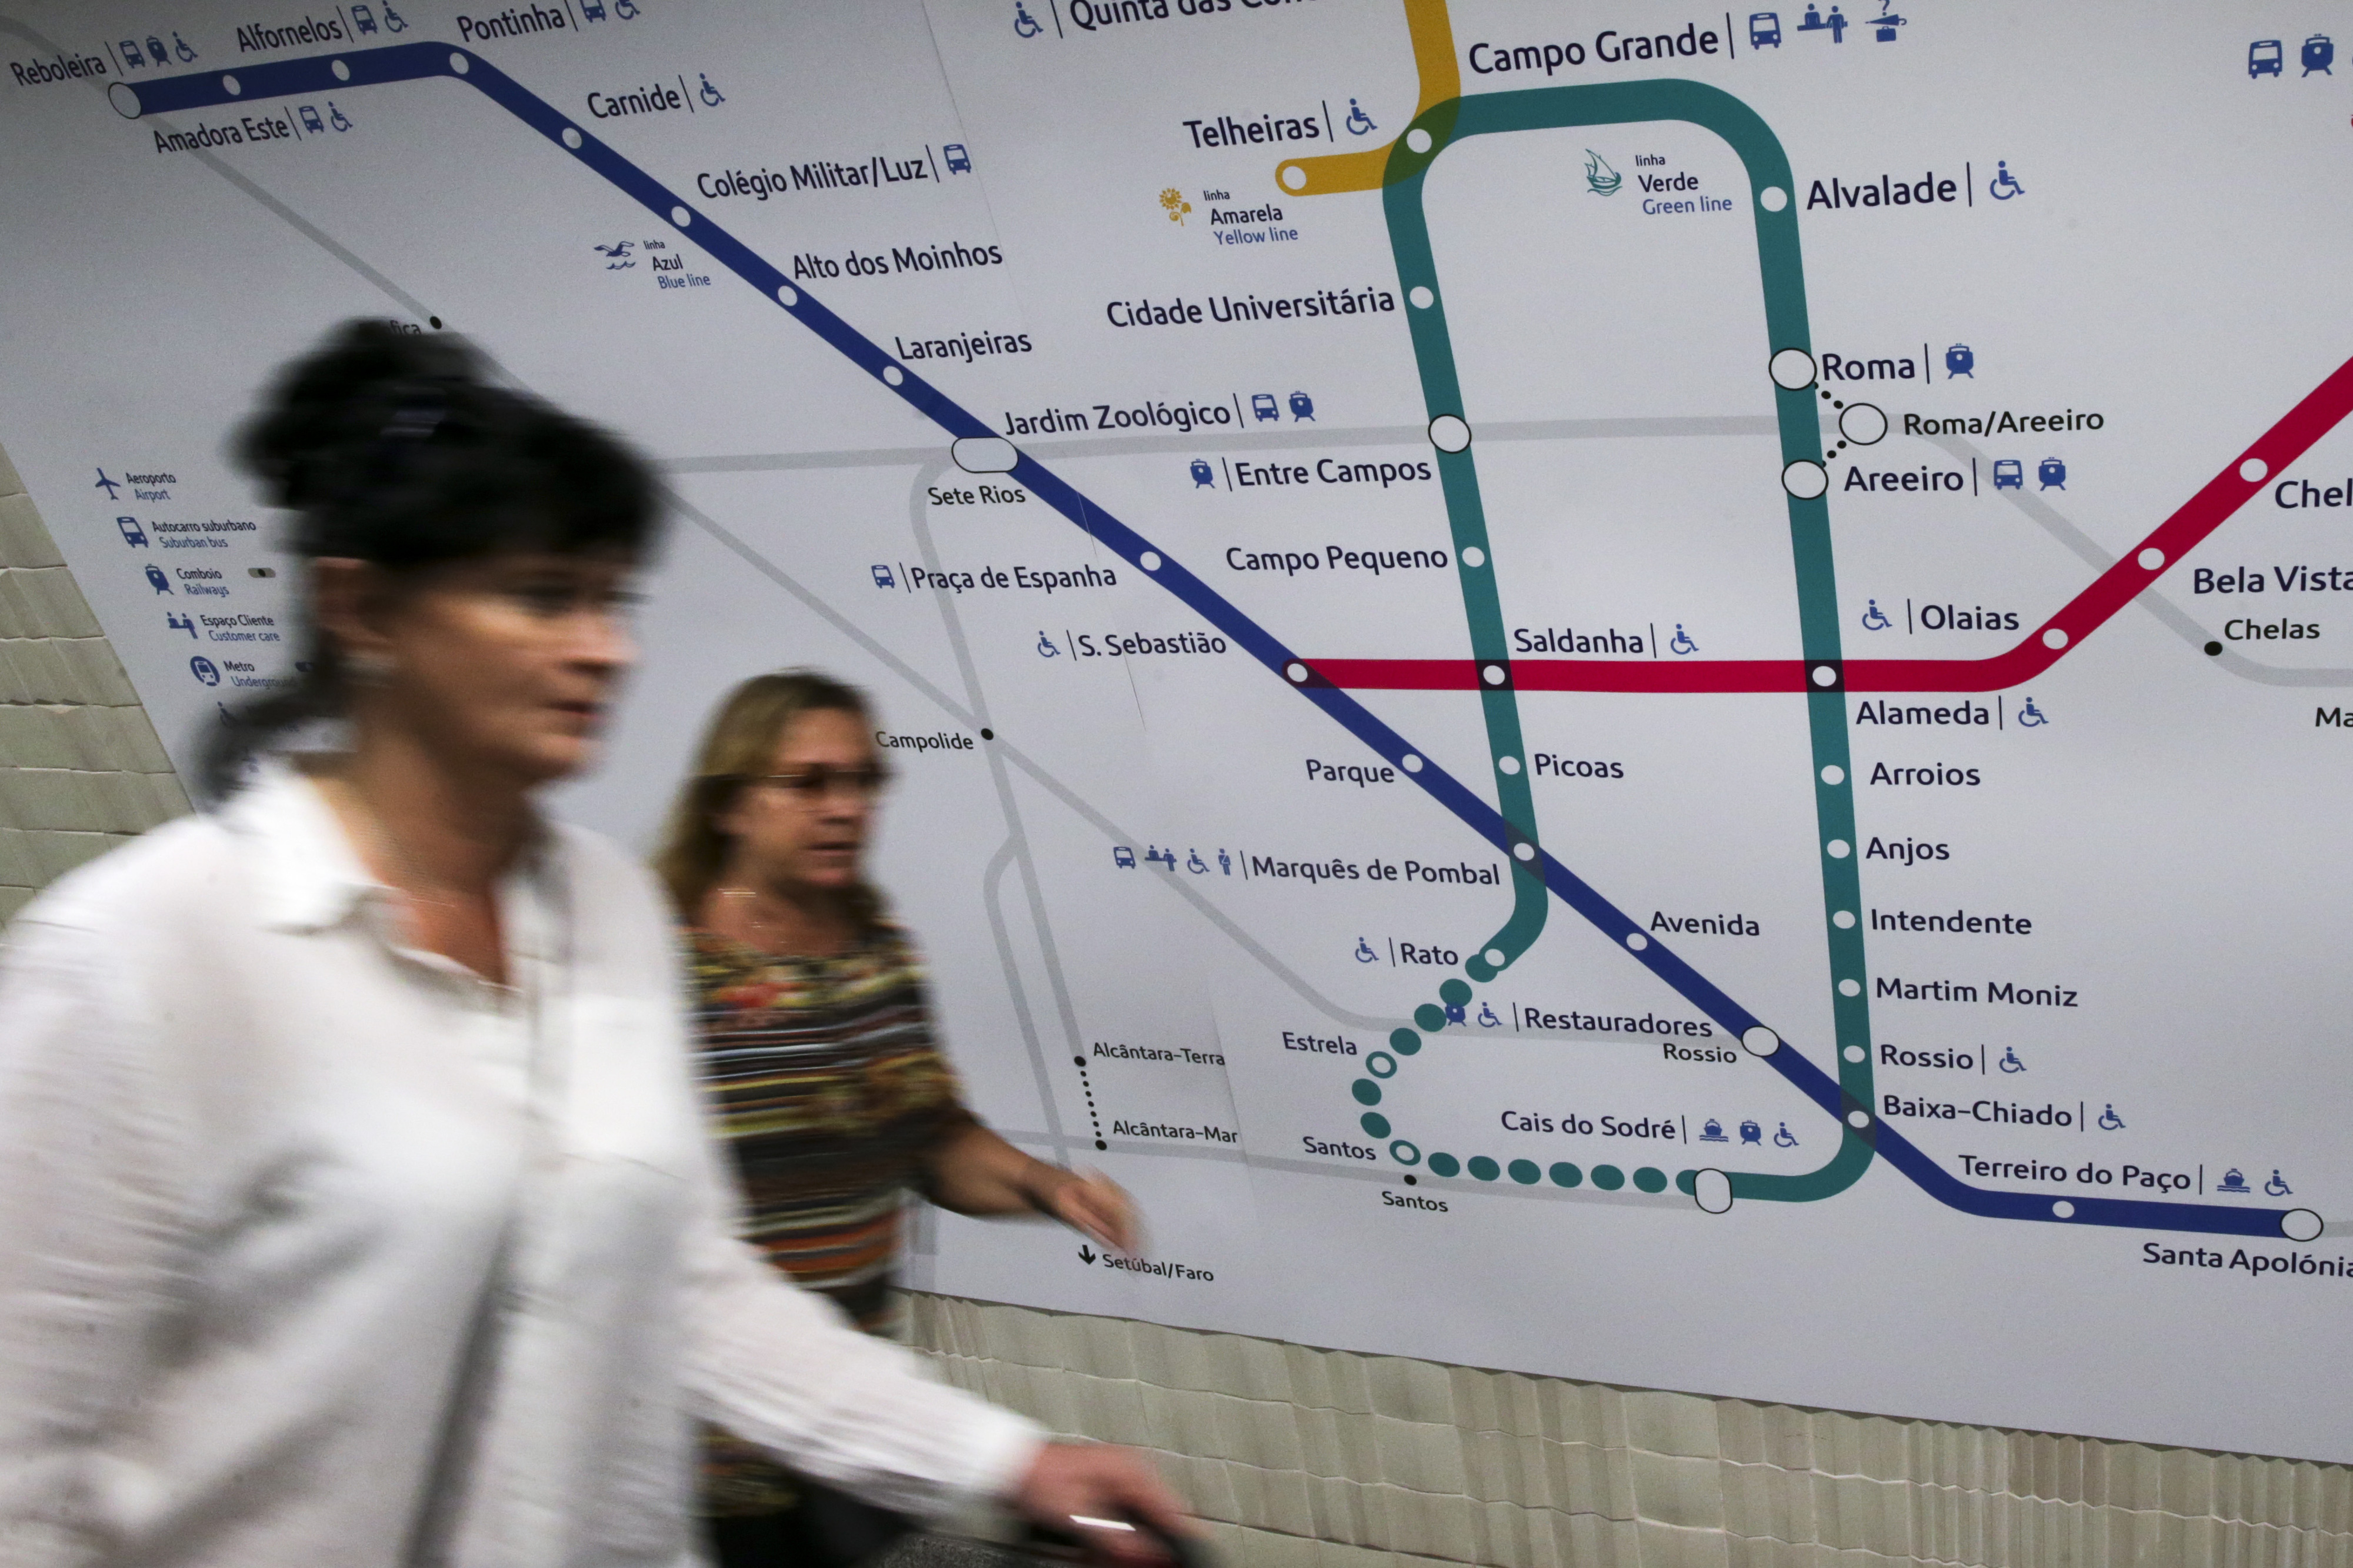 Lisboa: Linha amarela com circulação interrompida devido a incidente com passageiro